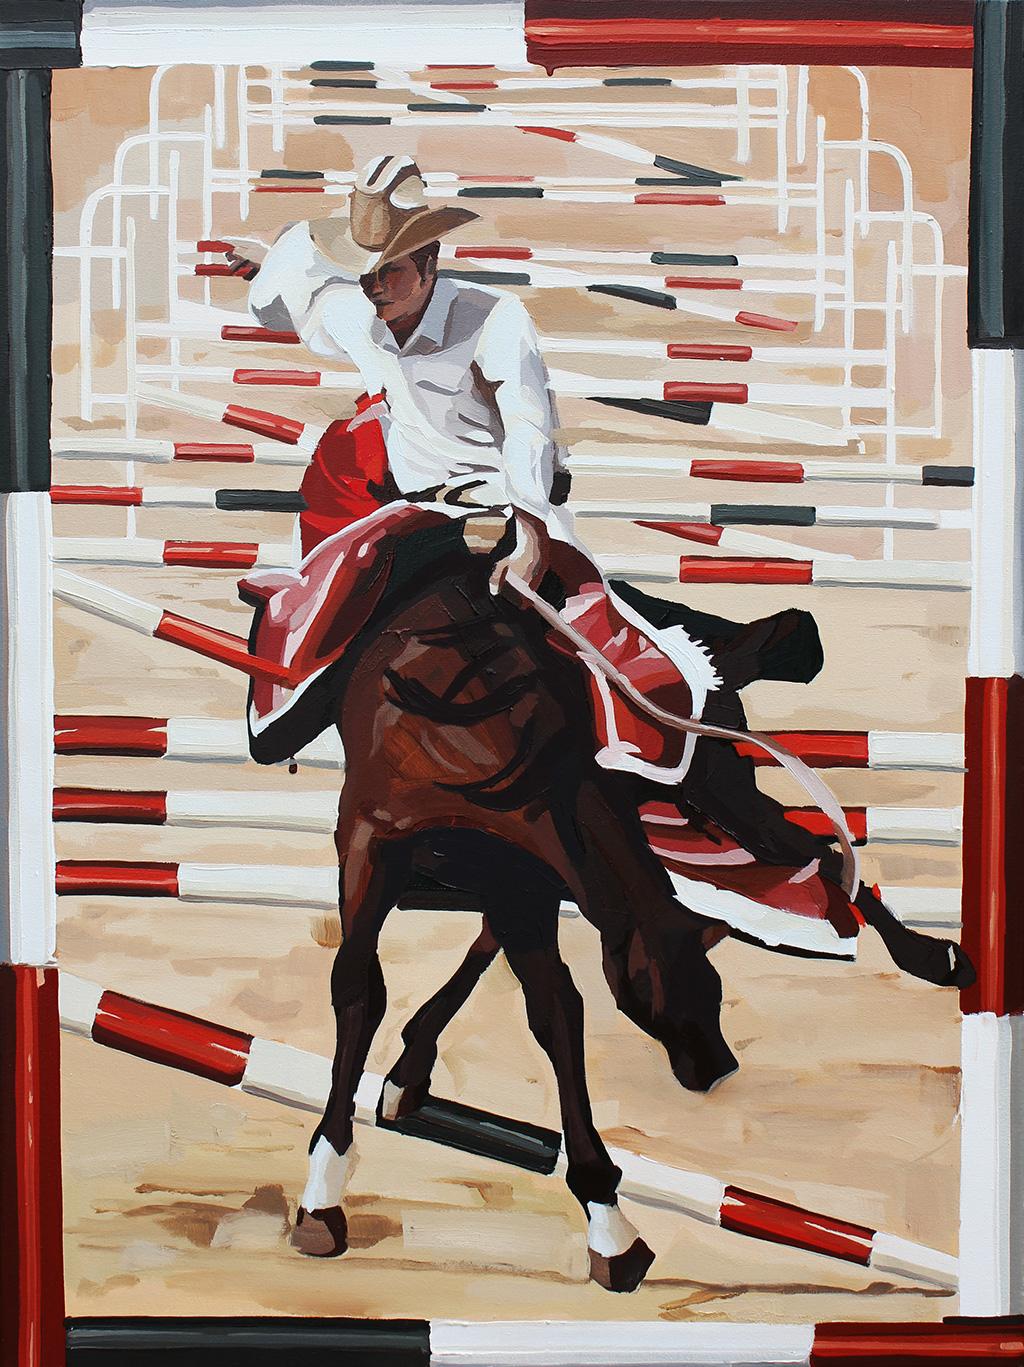 equestrian-pedestrian